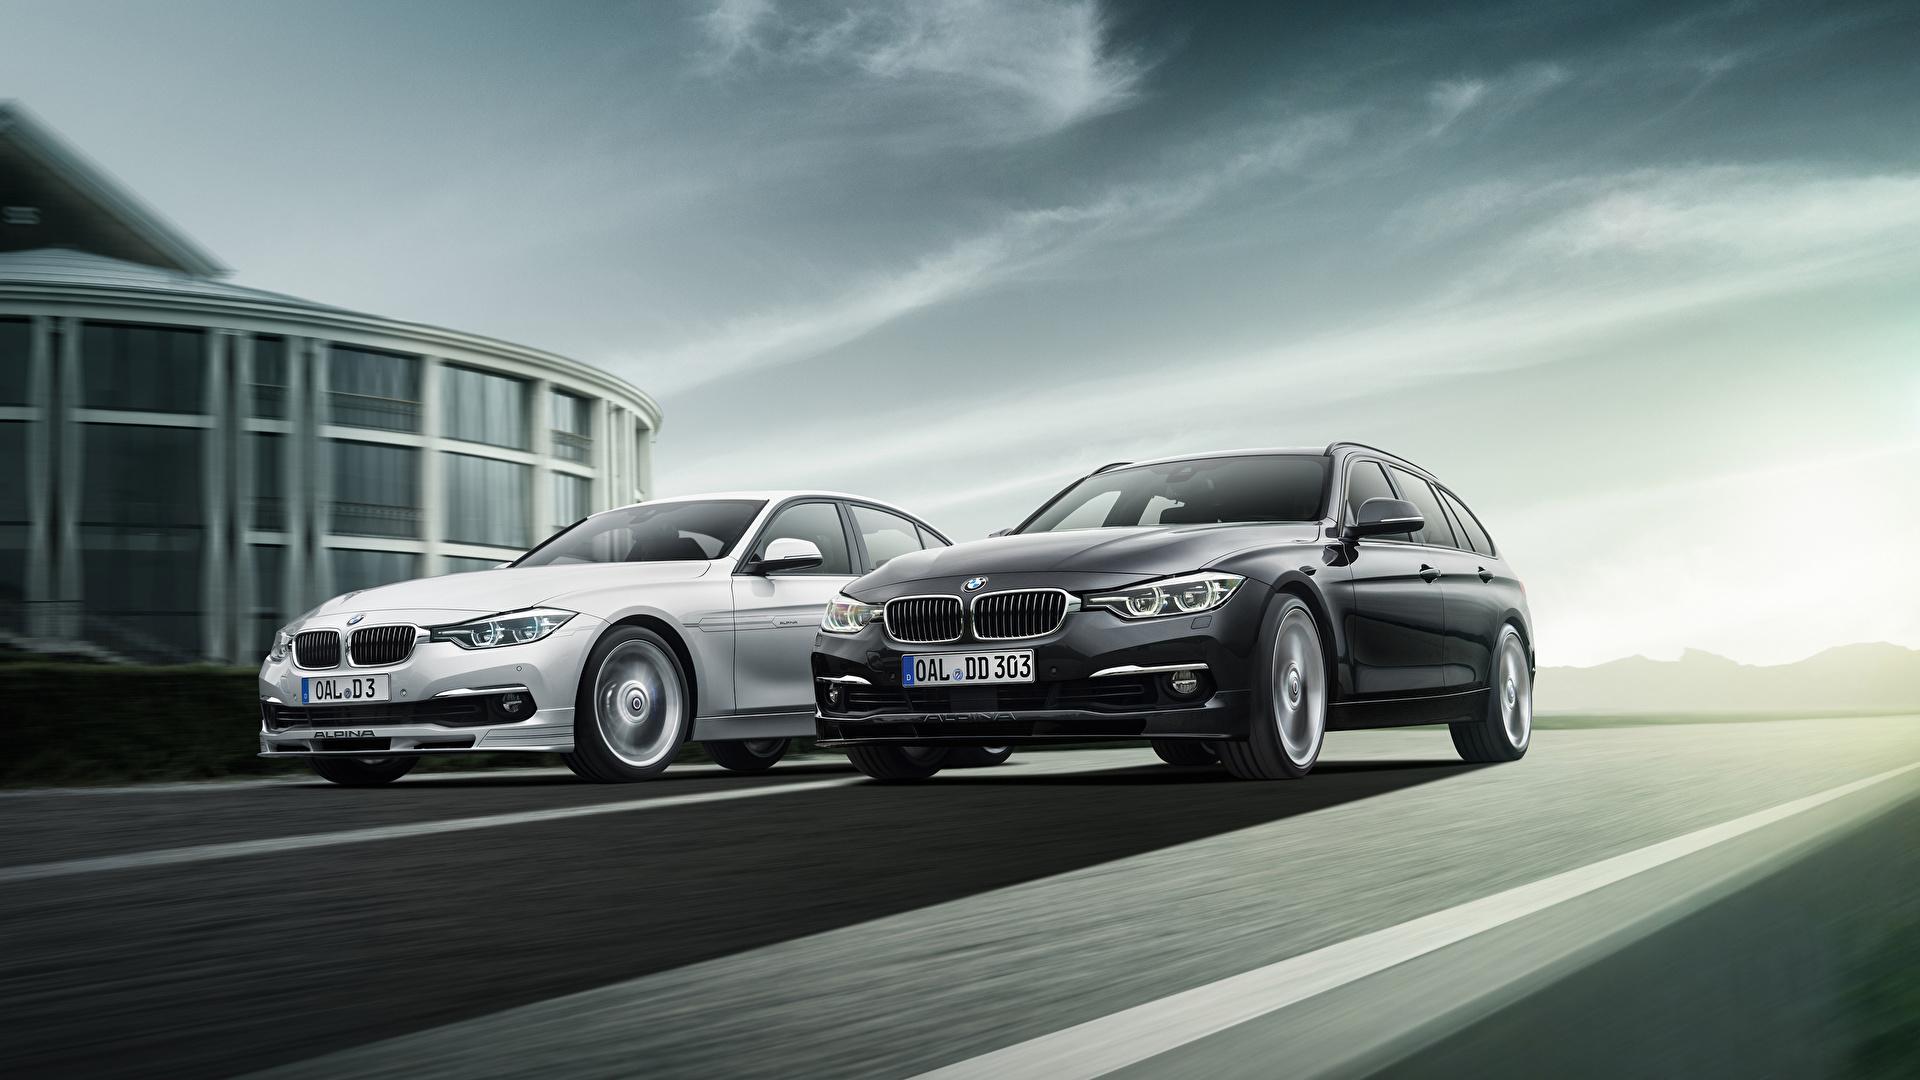 Фотография BMW F31 Alpina 2013 F30 3 Series вдвоем автомобиль 1920x1080 БМВ 2 два две Двое авто машины машина Автомобили